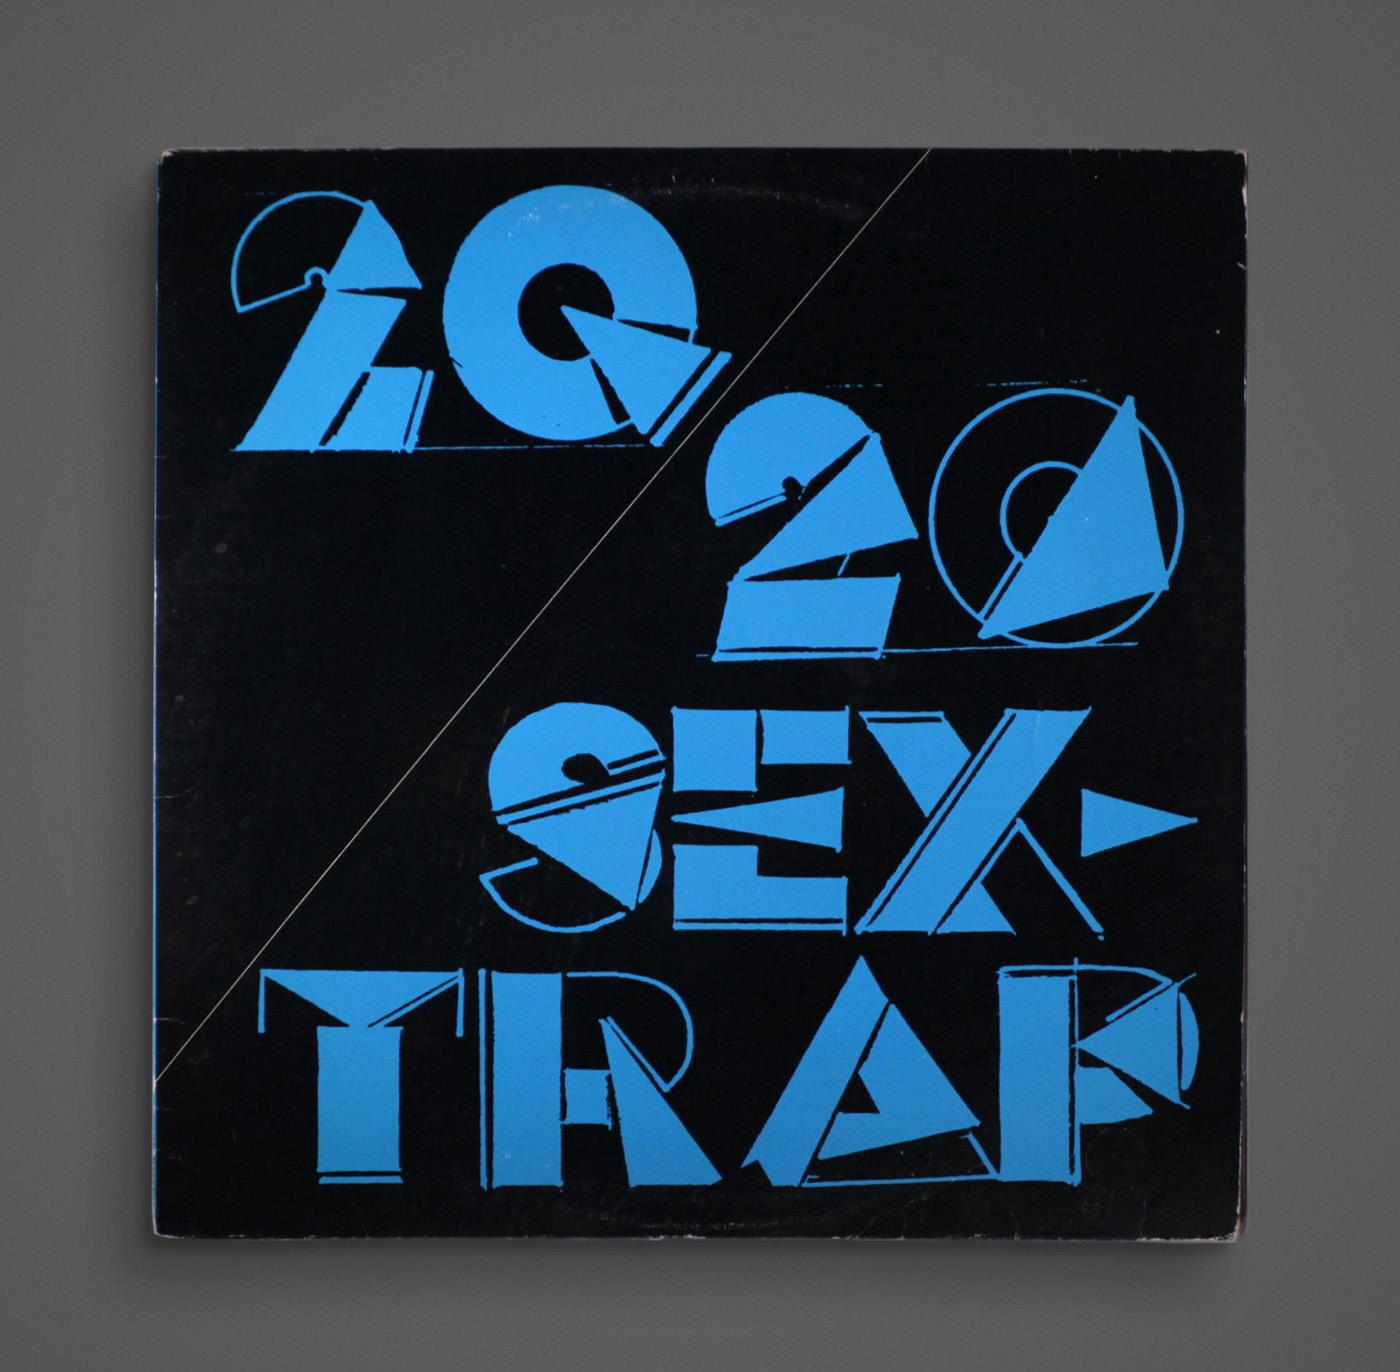 20 20 sex trap